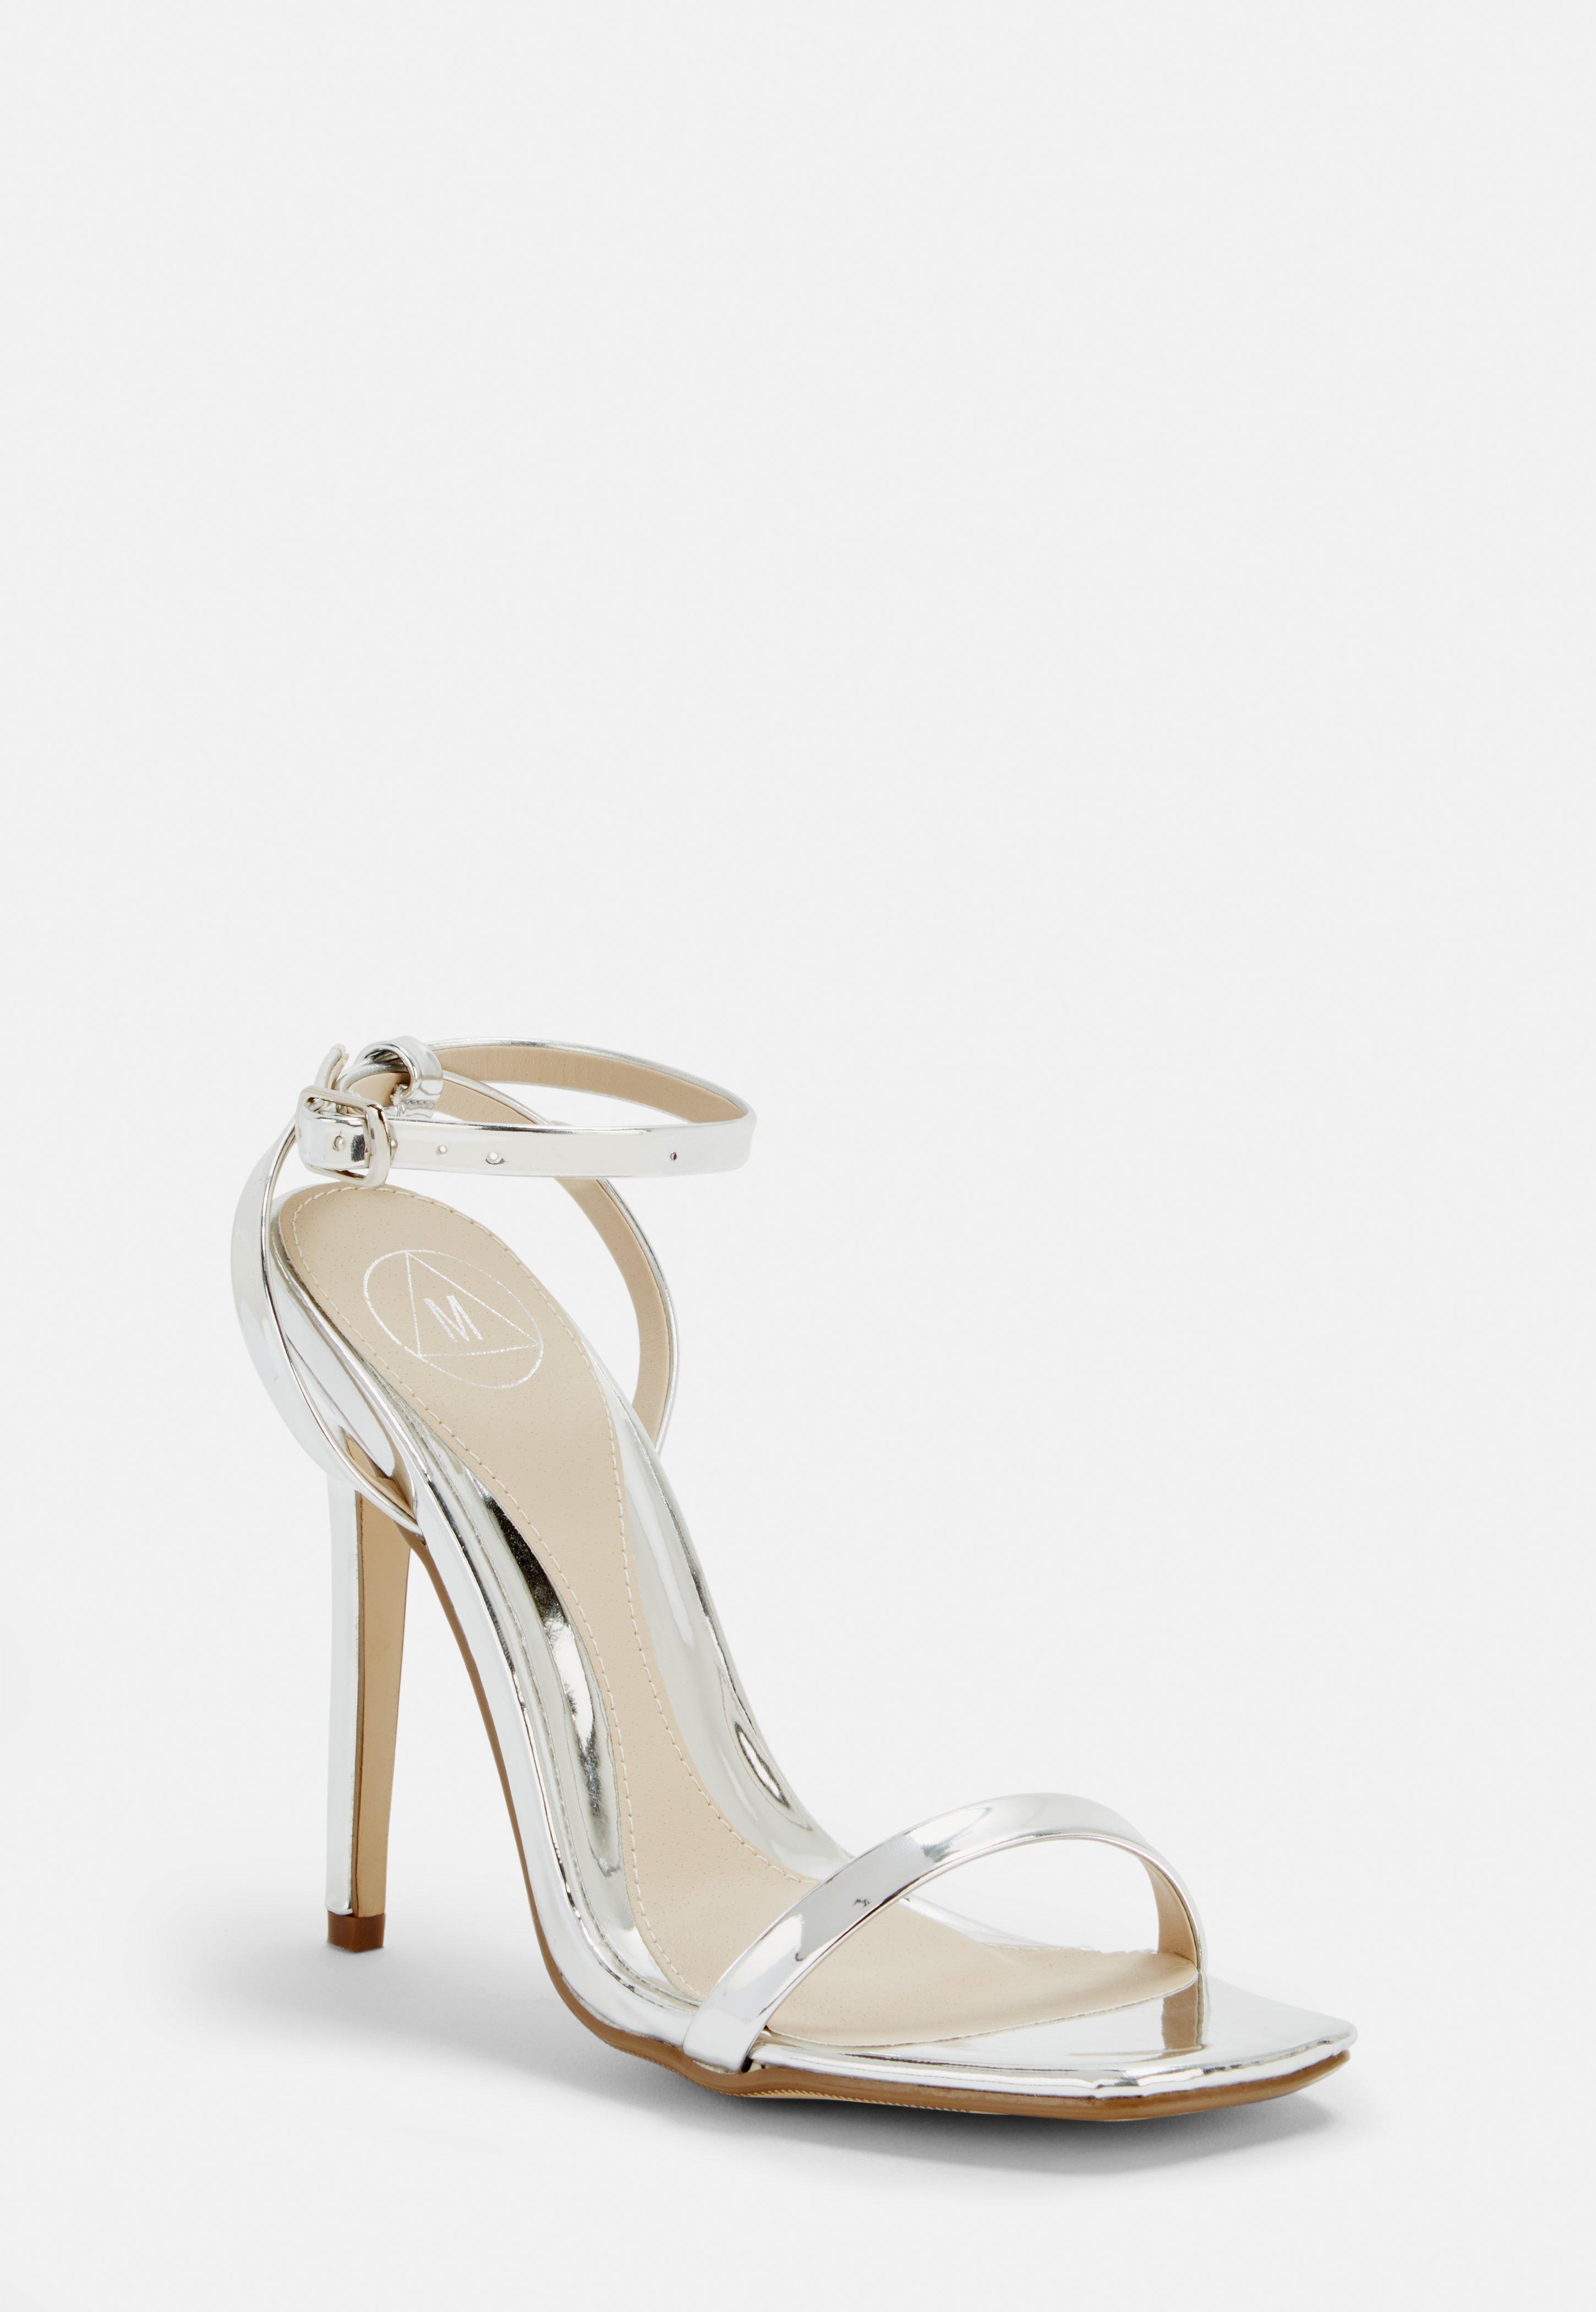 58aac1360014 High Heels   Stilettos